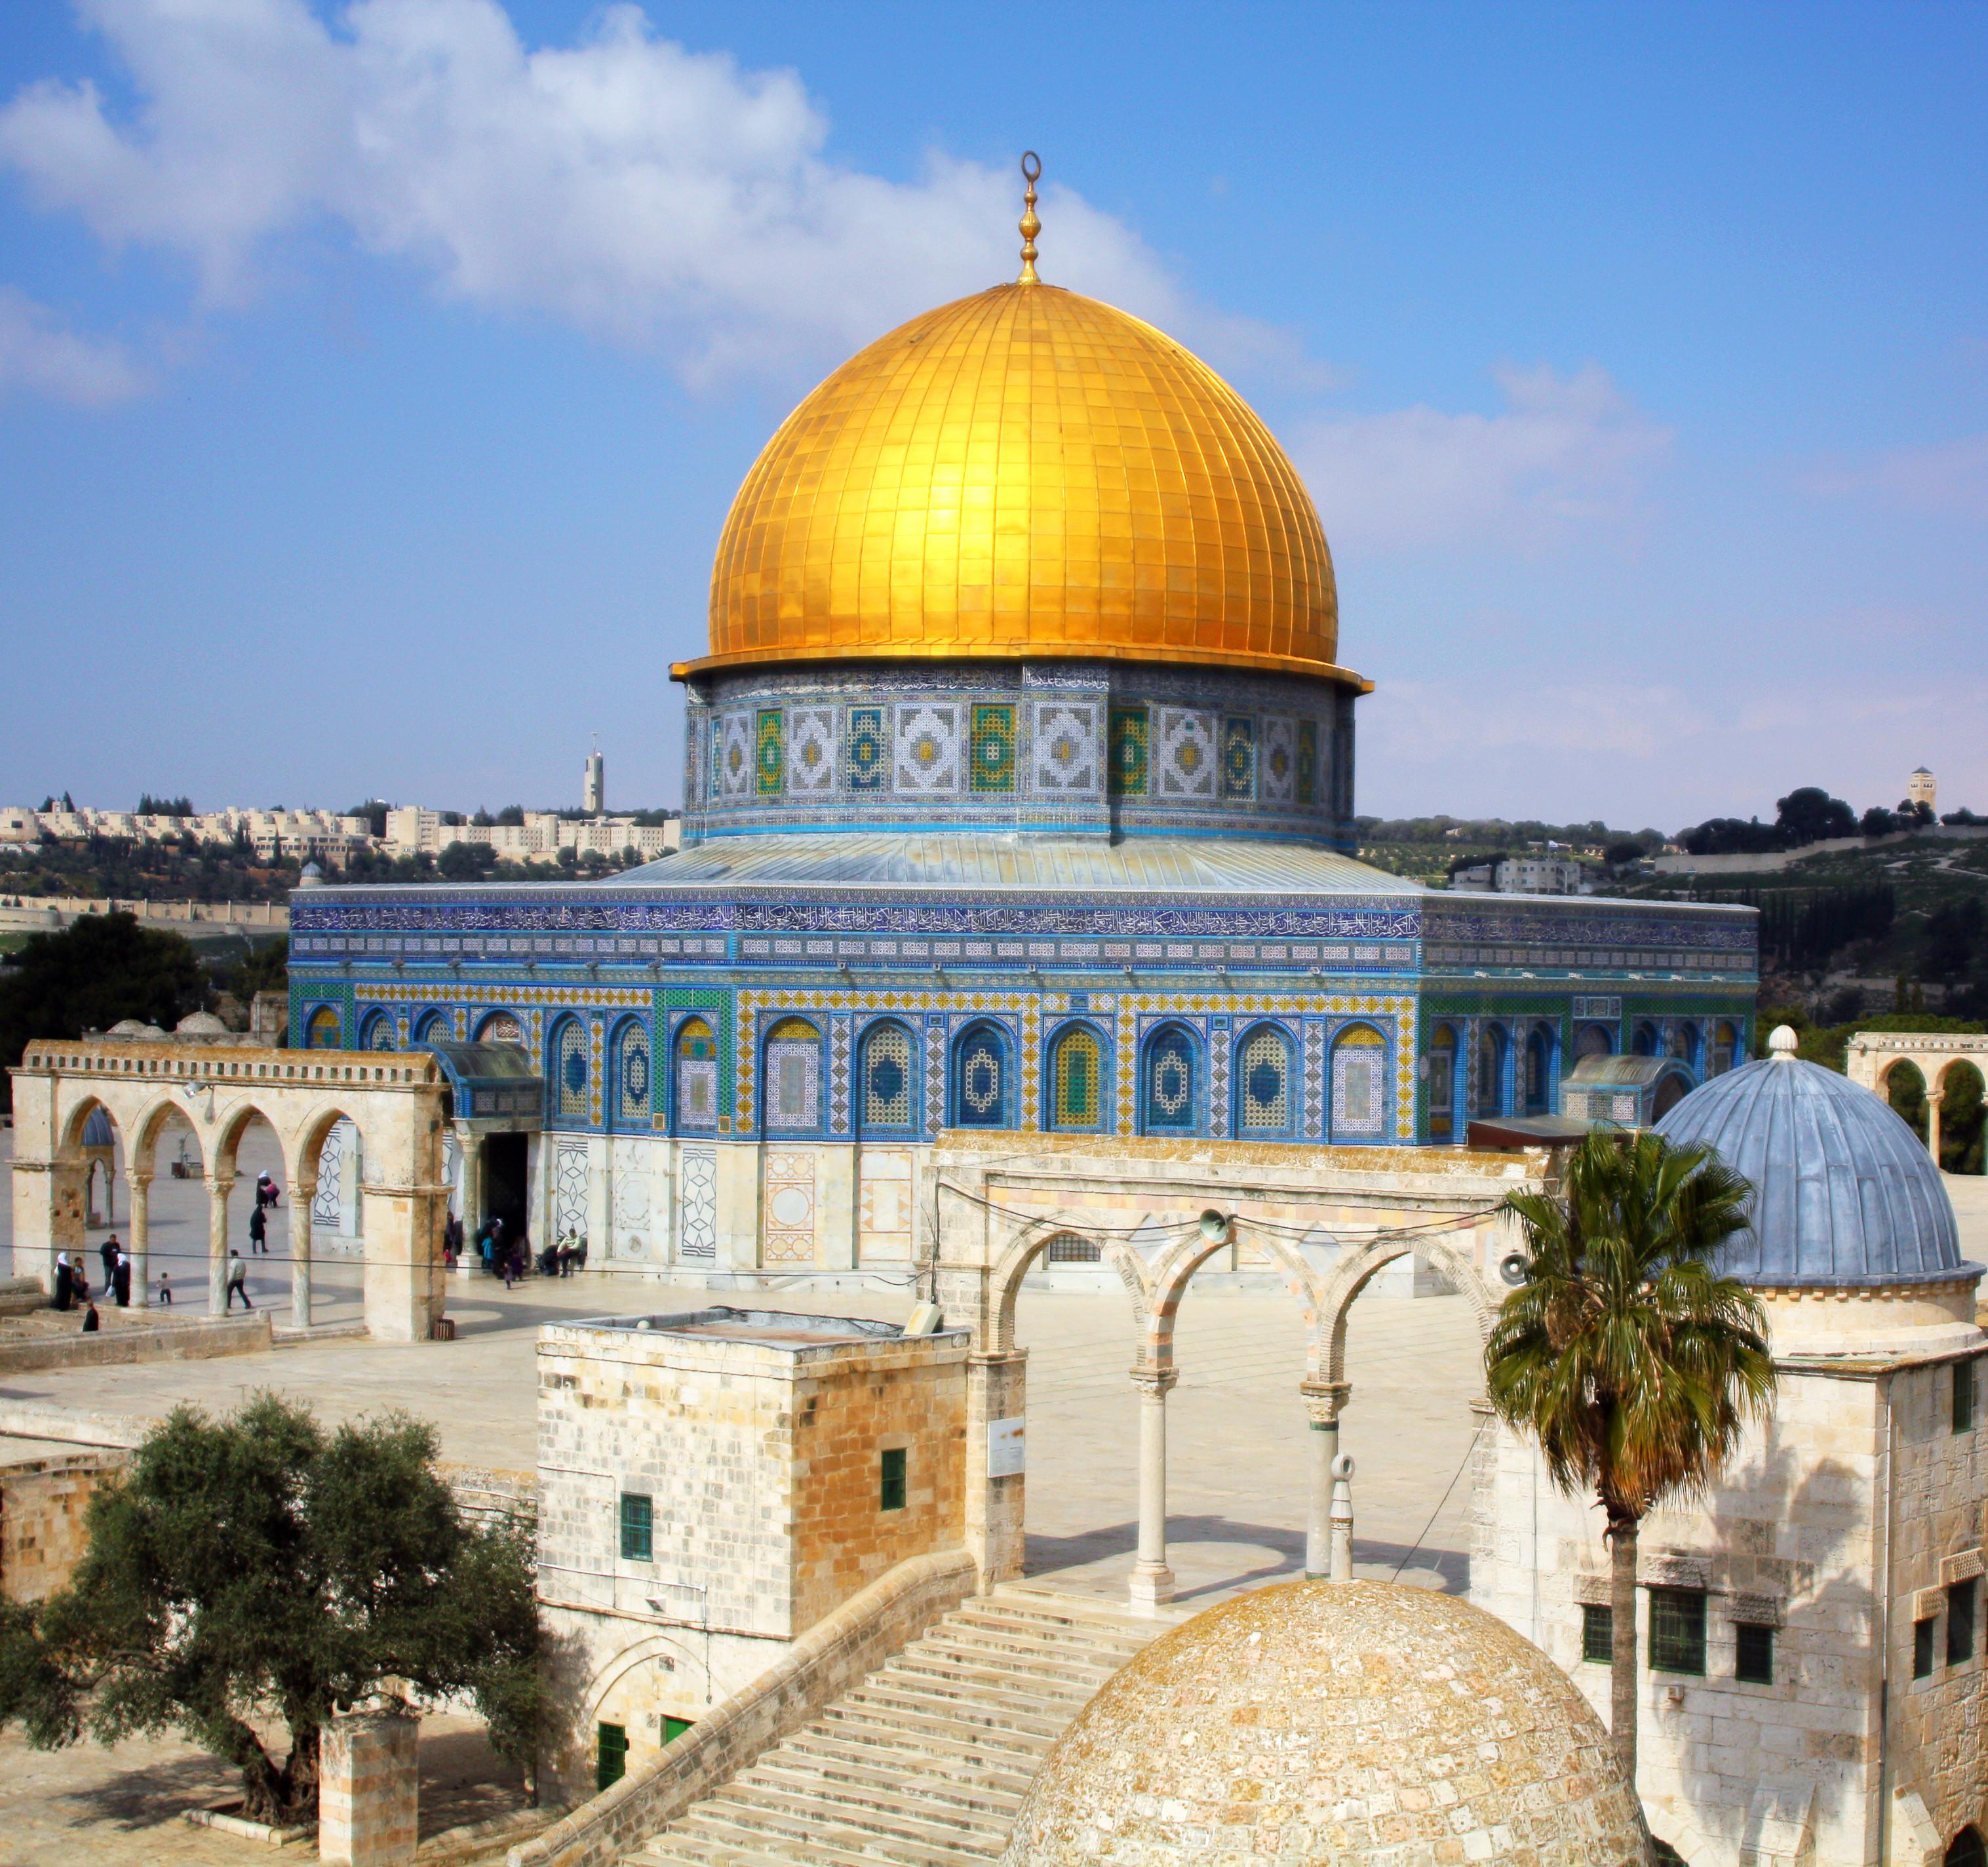 требования к фото виза израиль